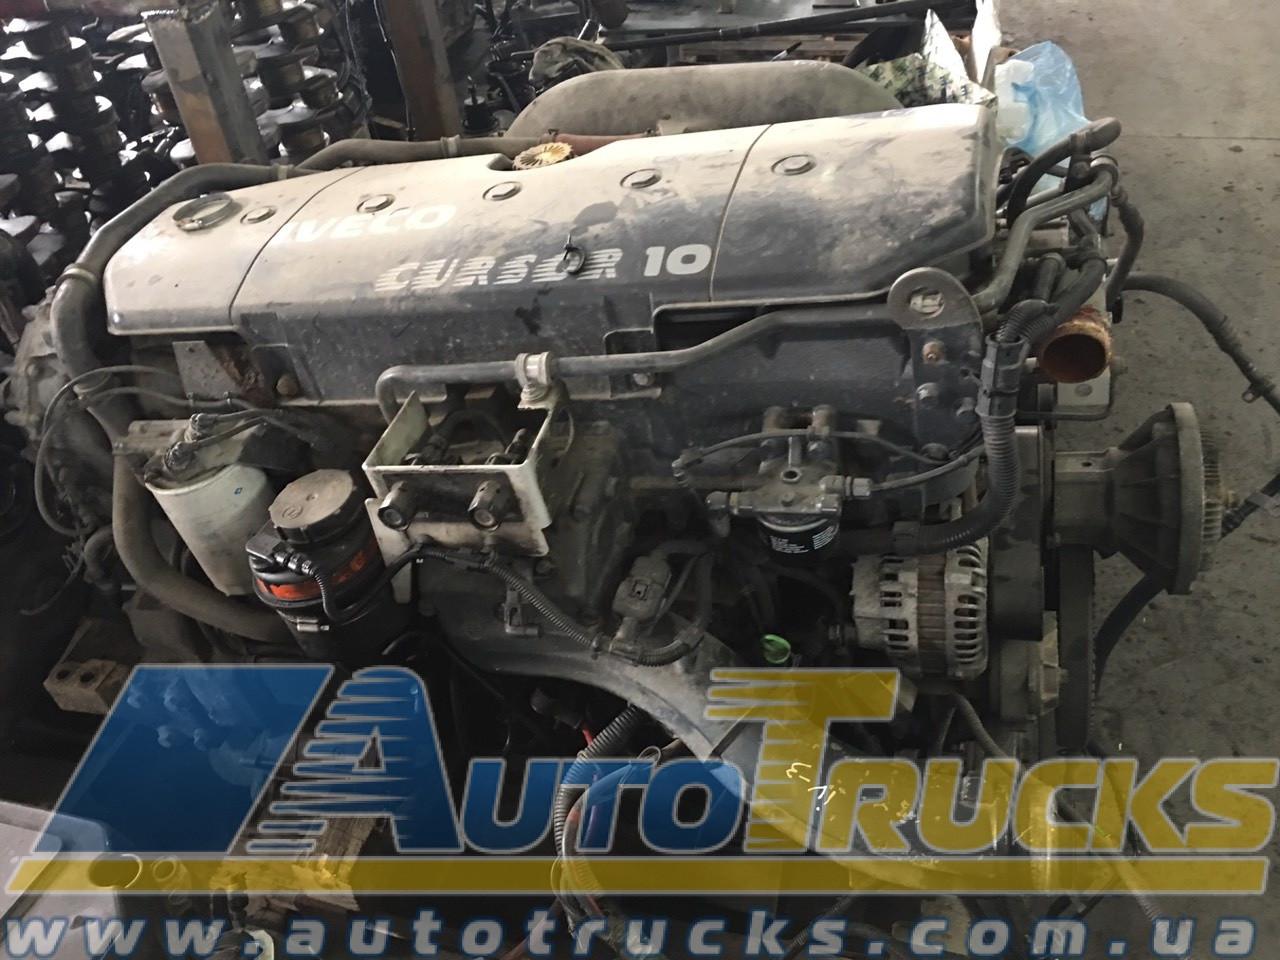 Двигатель CURSOR 10 Б/у для IVECO Stralis (504204559; 2996291; 2996292)